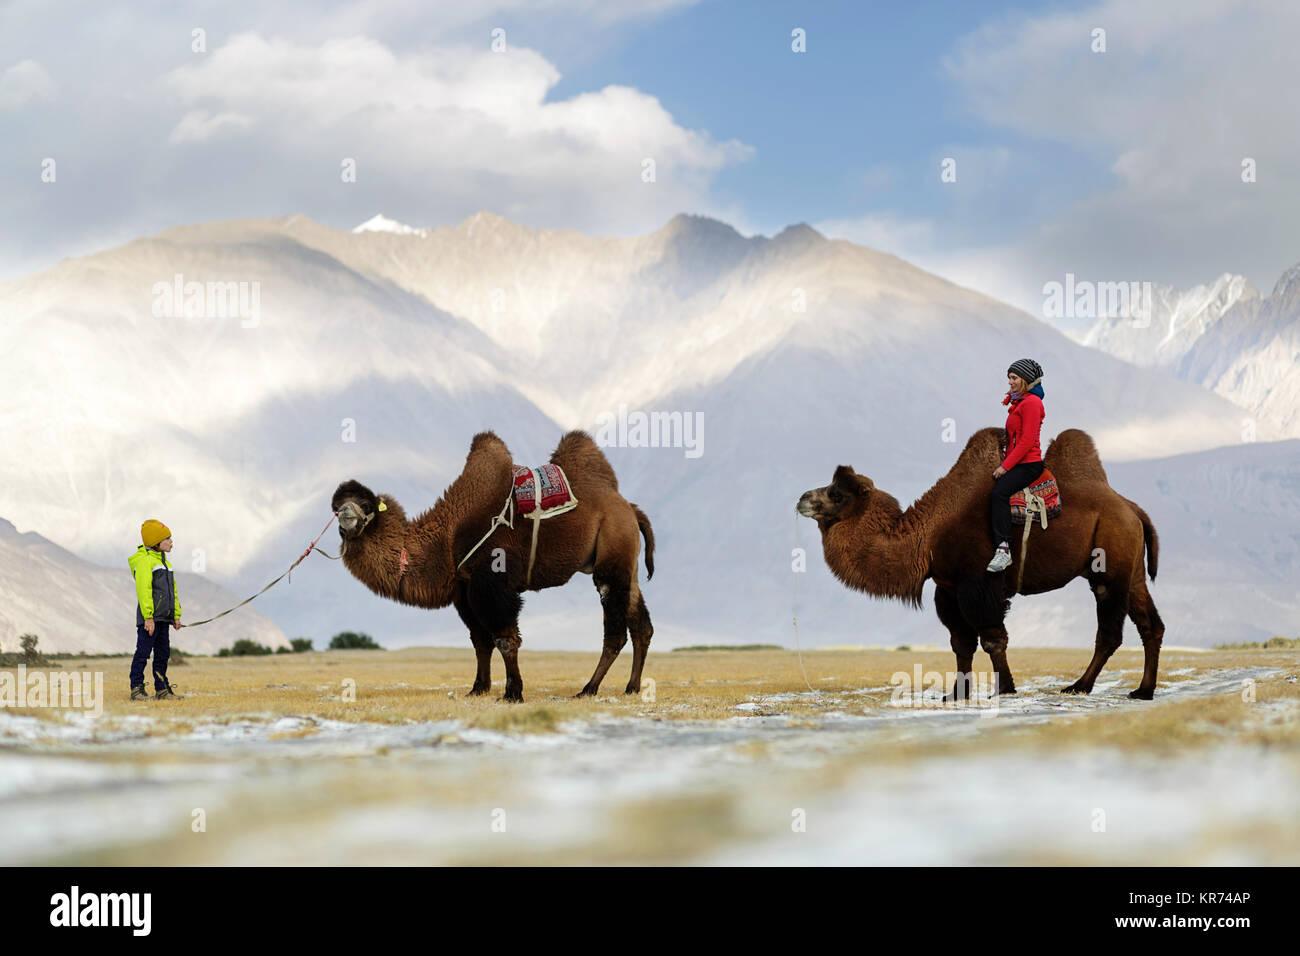 Madre e hijo caballo doble joroba camellos y cruzar el desierto en el valle de Nubra, Ladakh, Jammu y Cachemira, Imagen De Stock